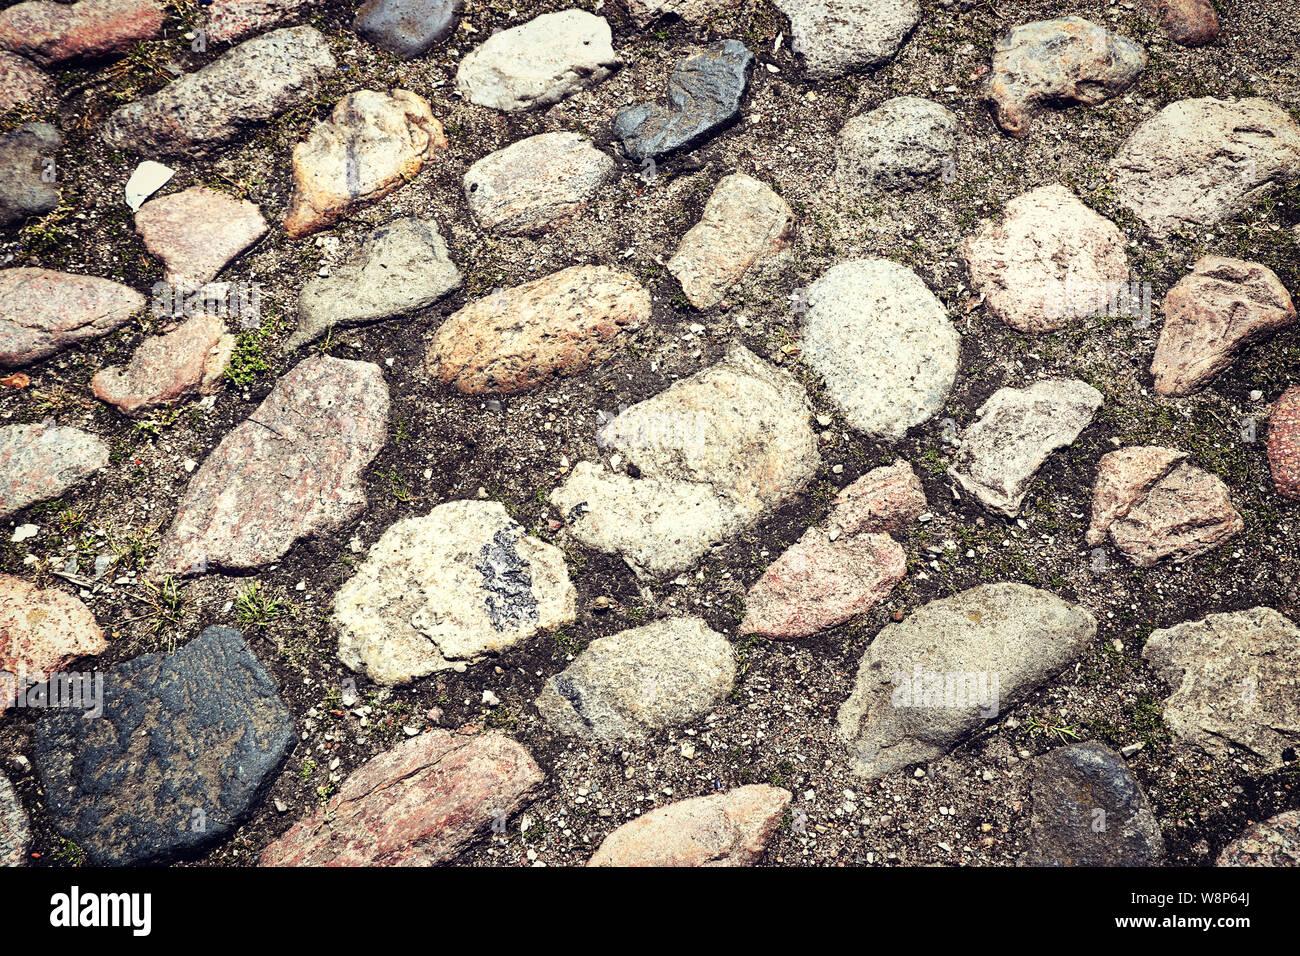 La chaussée de la rue antique faite de pierres dans le sol nivelé Banque D'Images